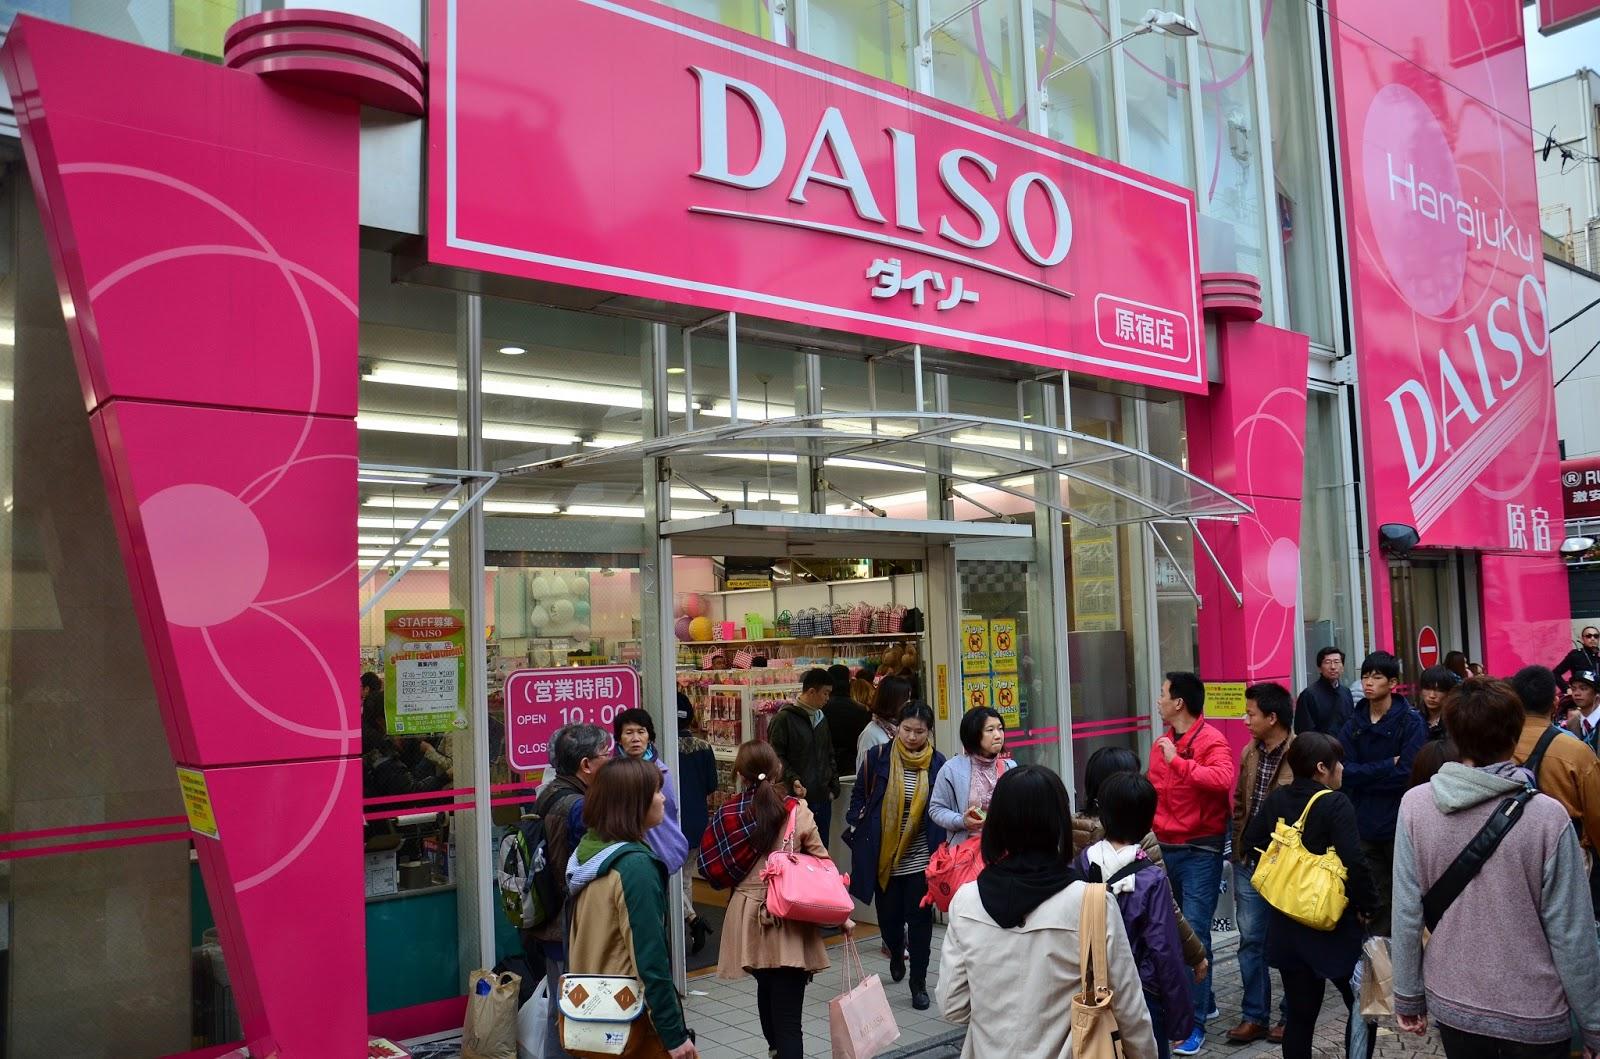 Daiso